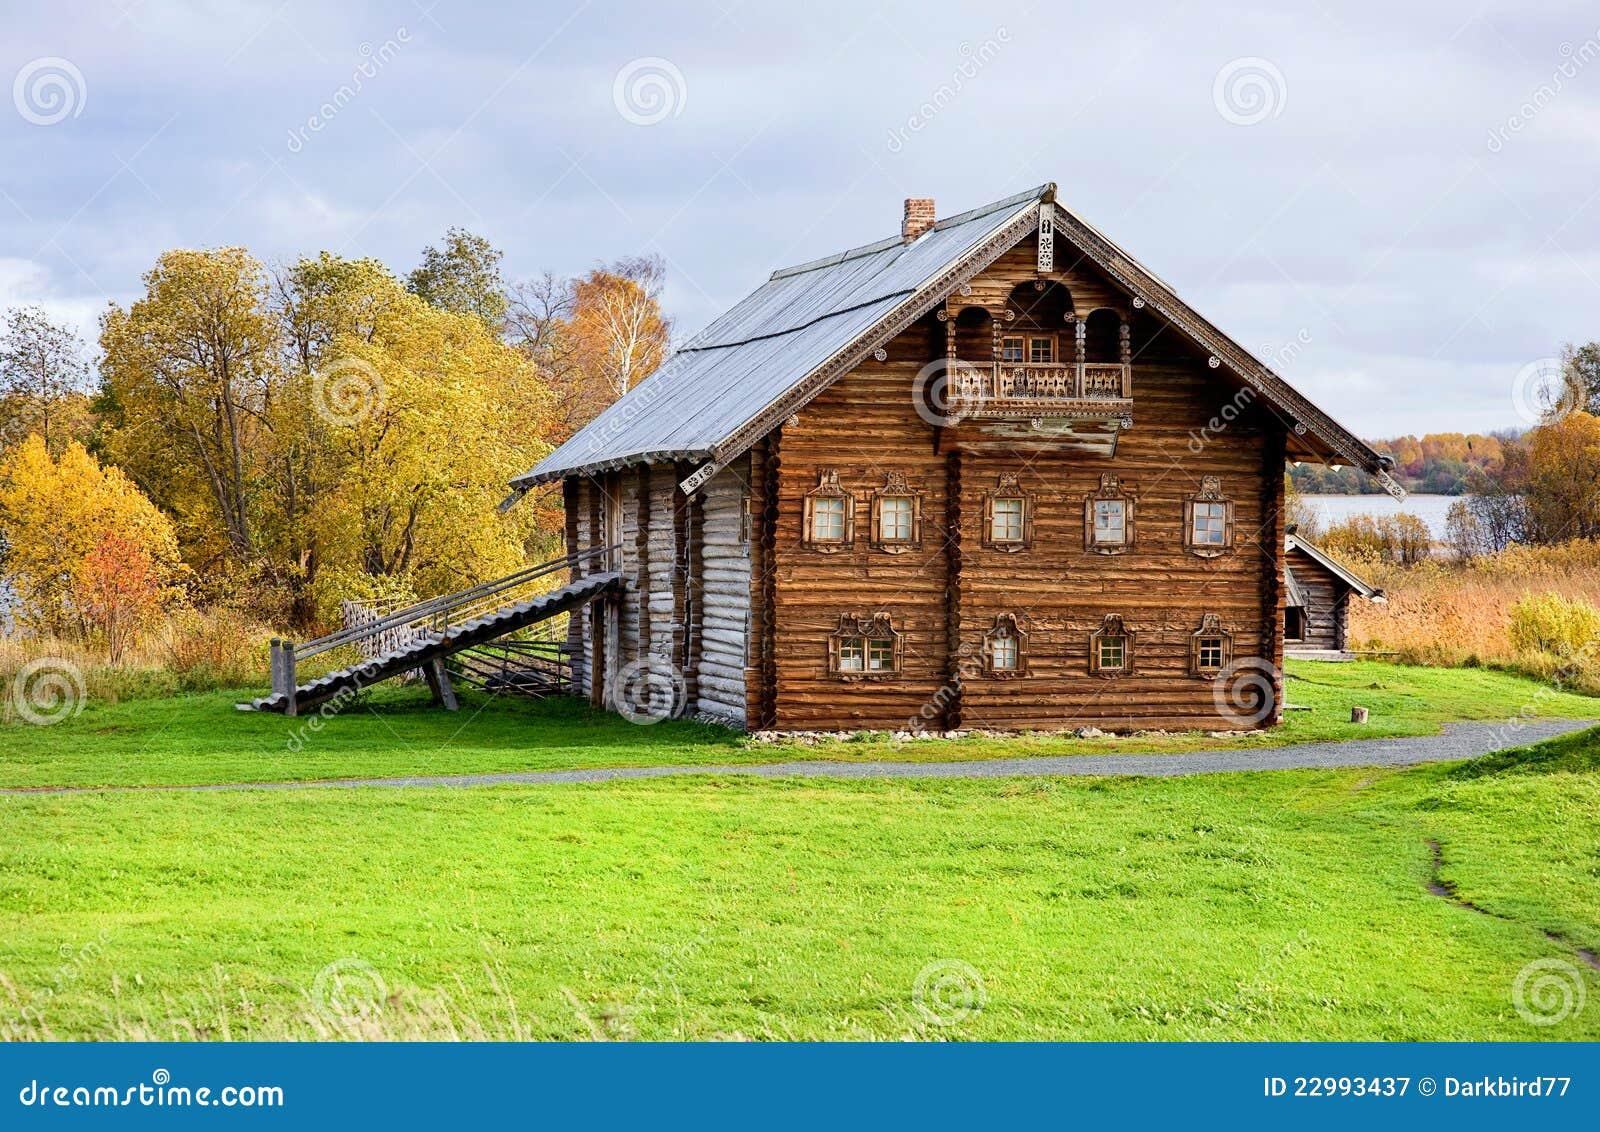 Oud houten huis royalty vrije stock fotografie afbeelding 22993437 - Oud huis ...